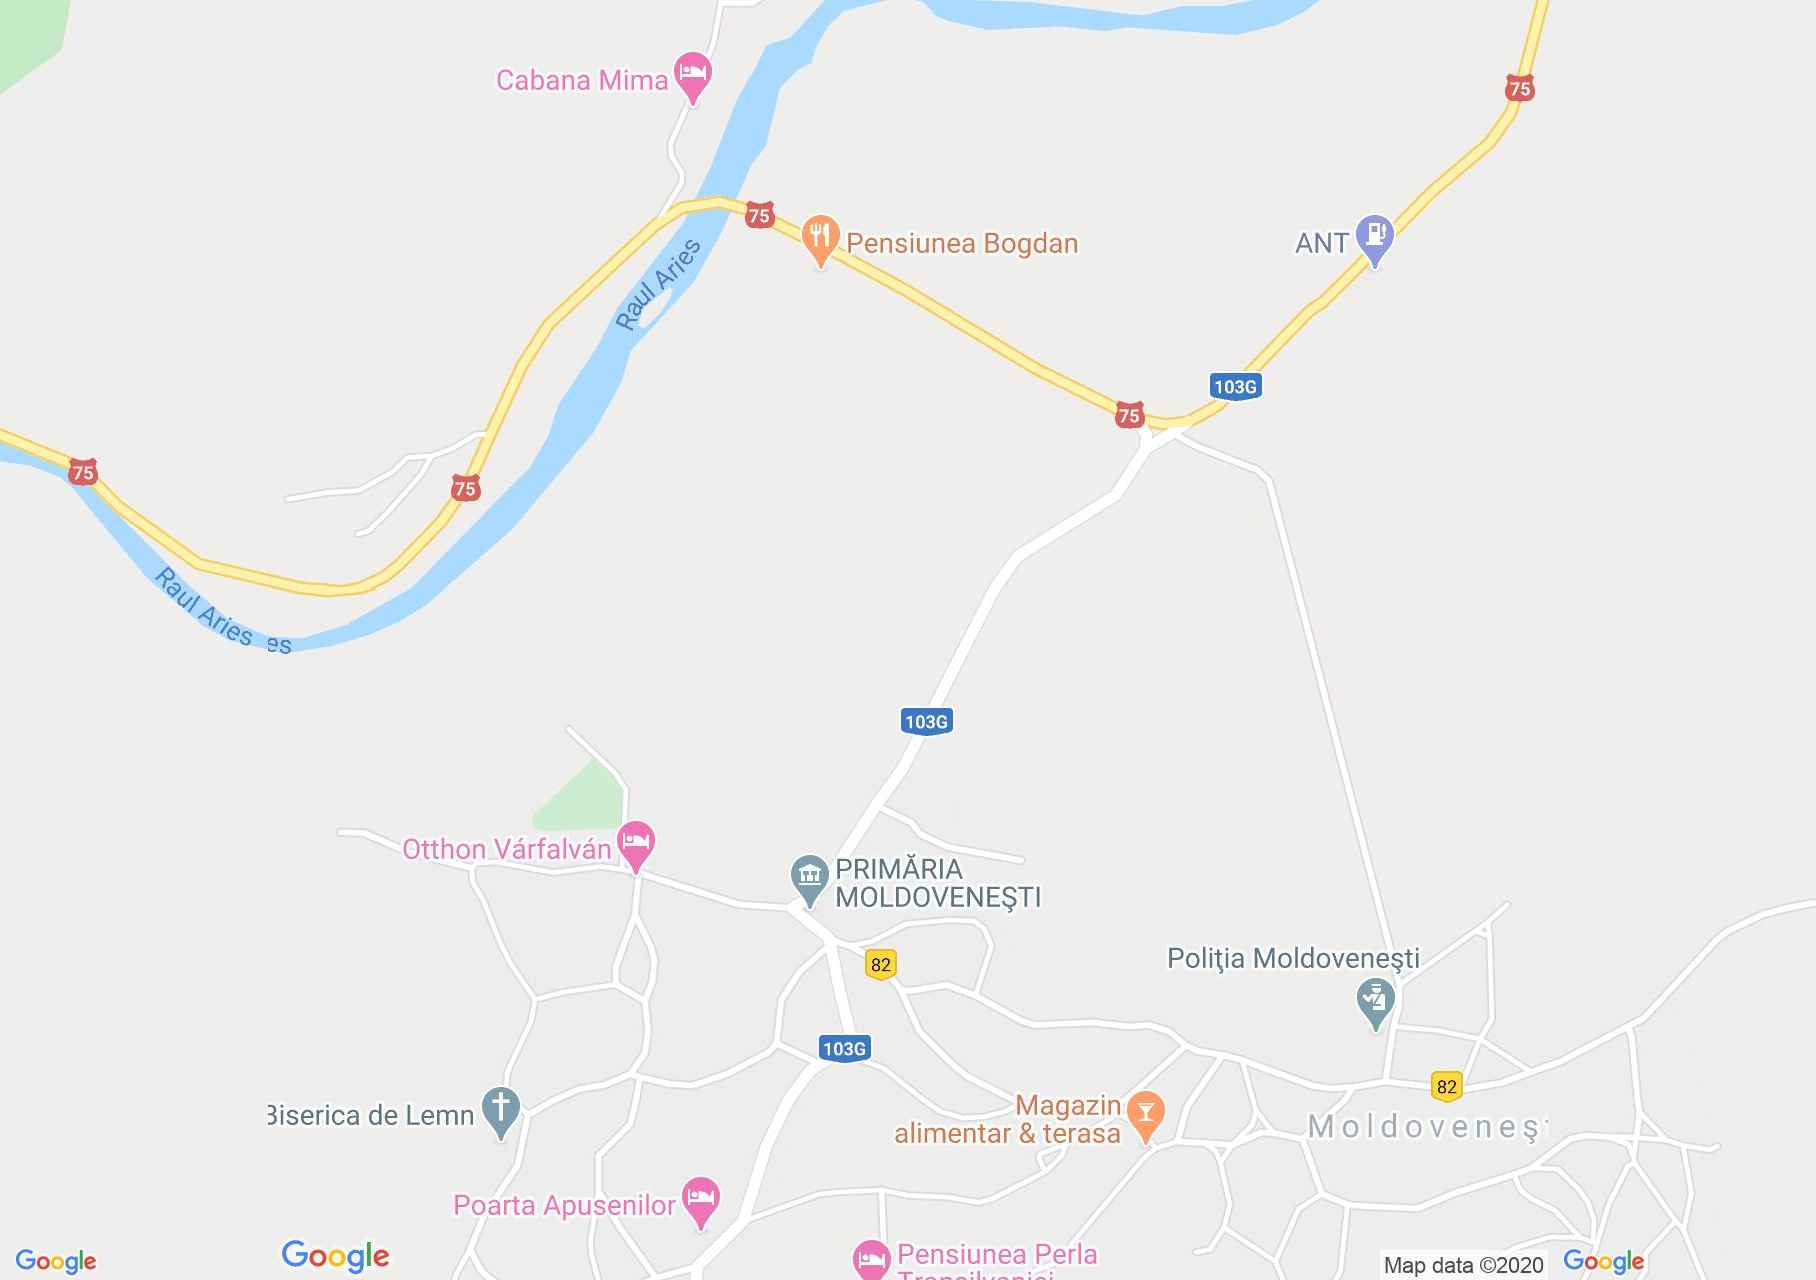 Moldoveneşti, Harta turistică interactivă